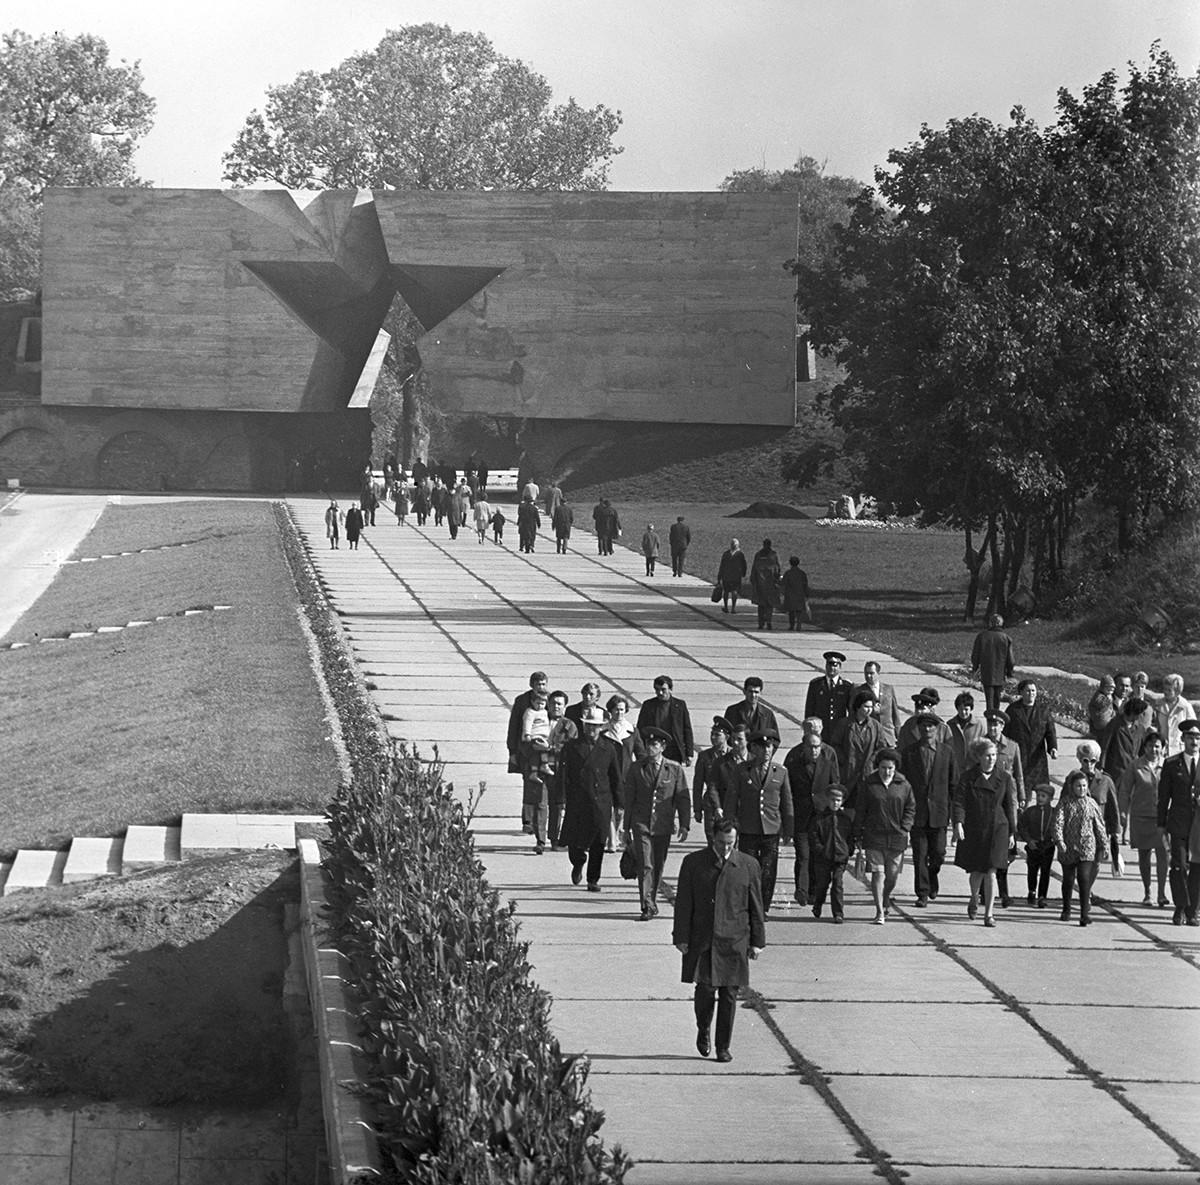 Per ricordare il 20° anniversario dello scoppio della Seconda guerra mondiale, fu aperto un complesso commemorativo nella fortezza di Brest